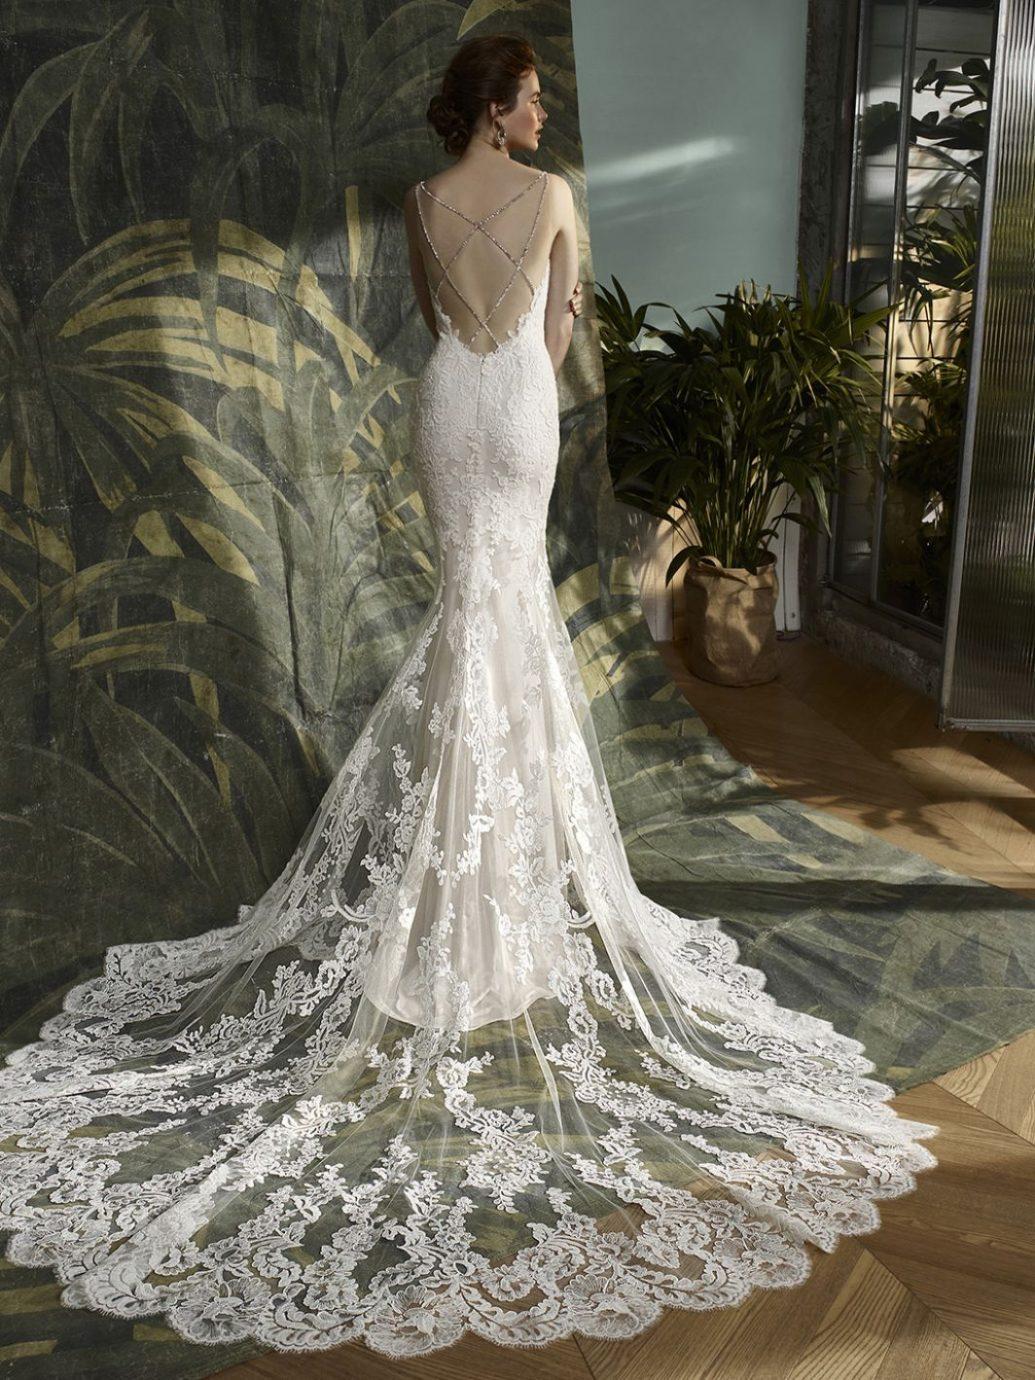 Blue by Enzoani Kymmy esküvői ruha, mely hátulról egy csipke csoda.